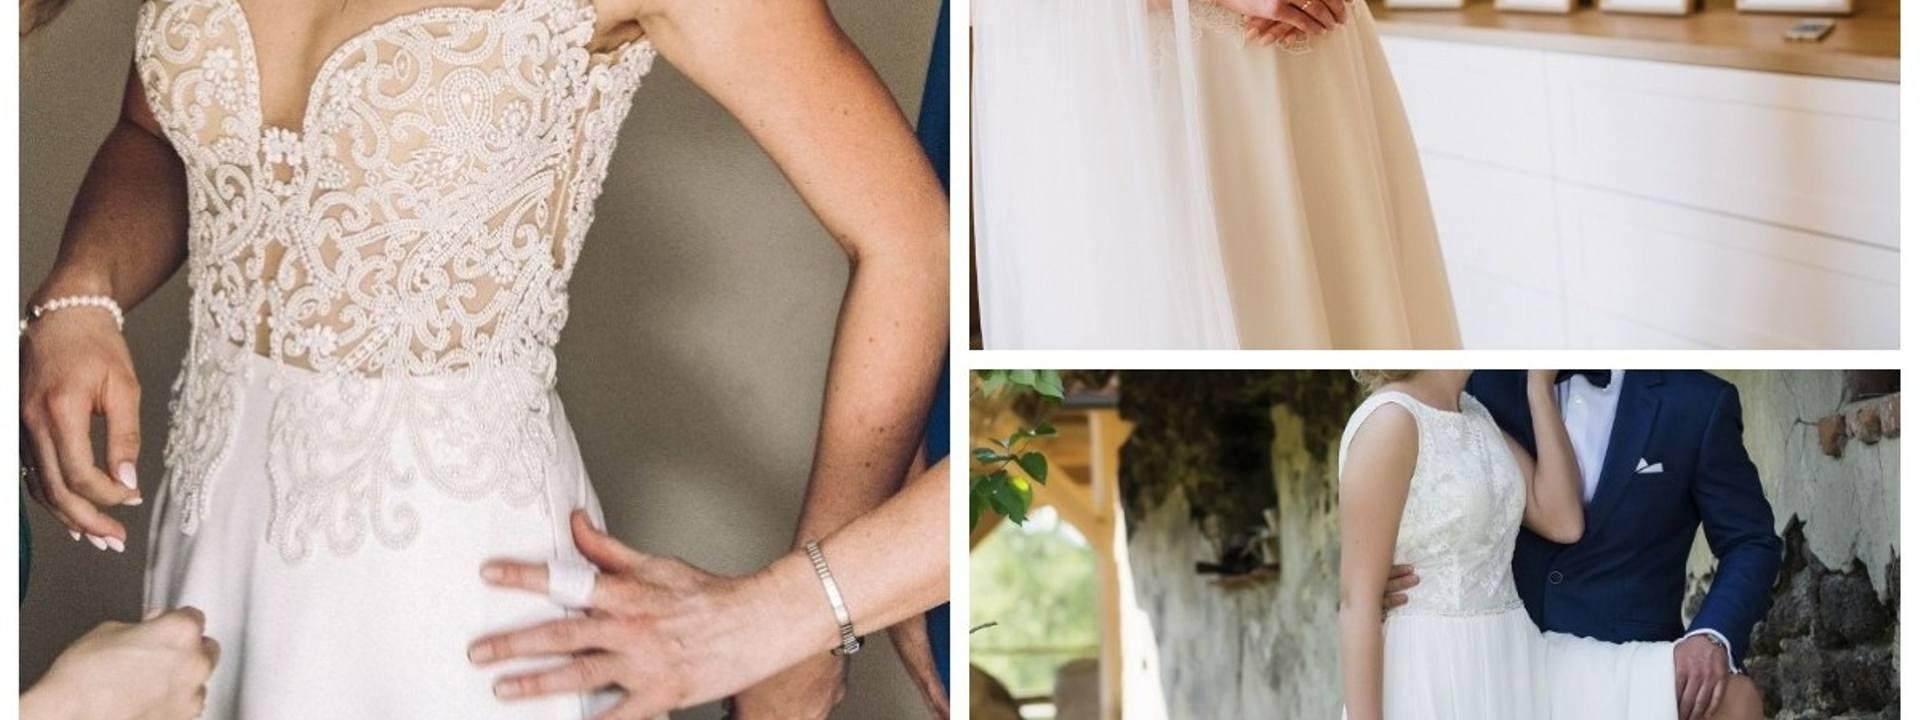 Przygotowaliśmy 14 ofert sukni ślubnych na sprzedaż z portalu gratka.pl. Przedział cenowy obejmuje suknie od 70 złotych do ponad 5 tysięcy złotych. Zobacz